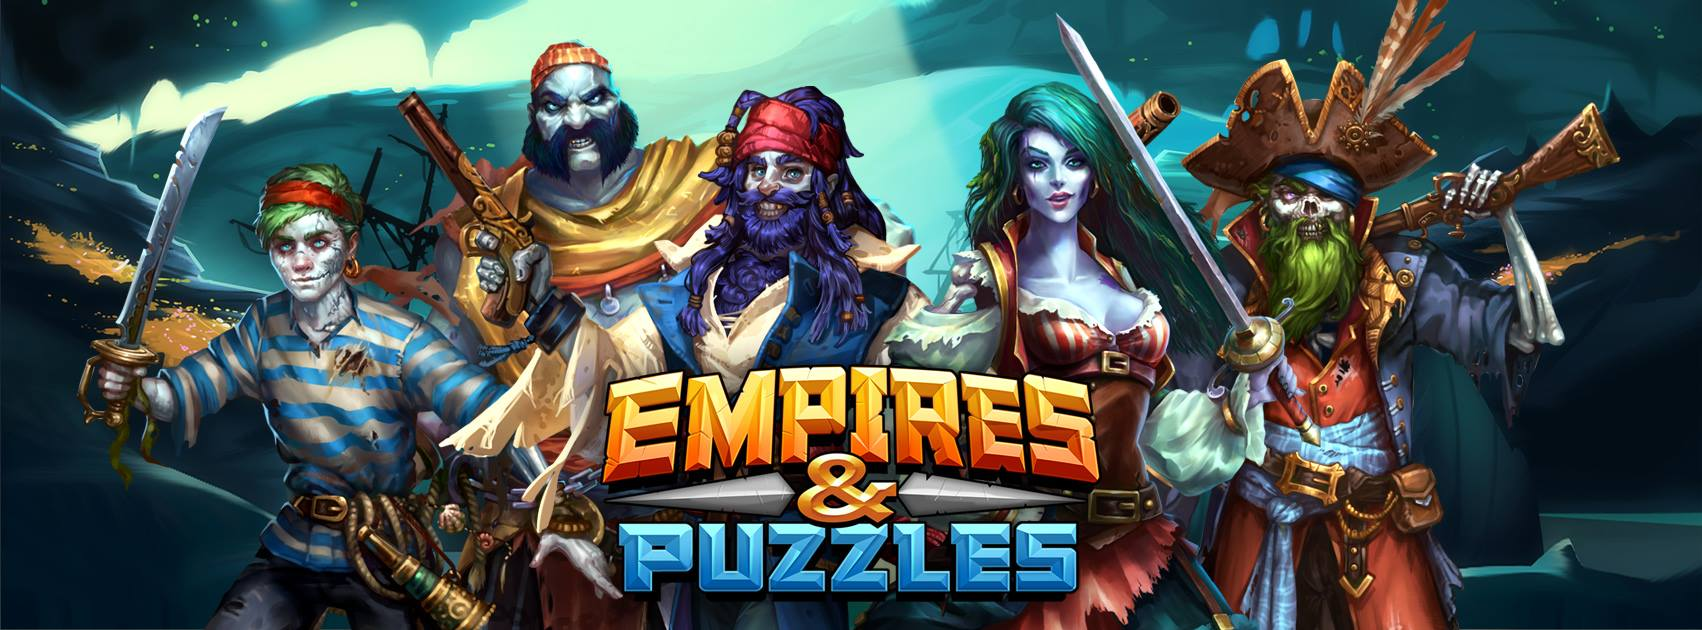 Пираты Кореллии — редкое событие в Империи Пазлов